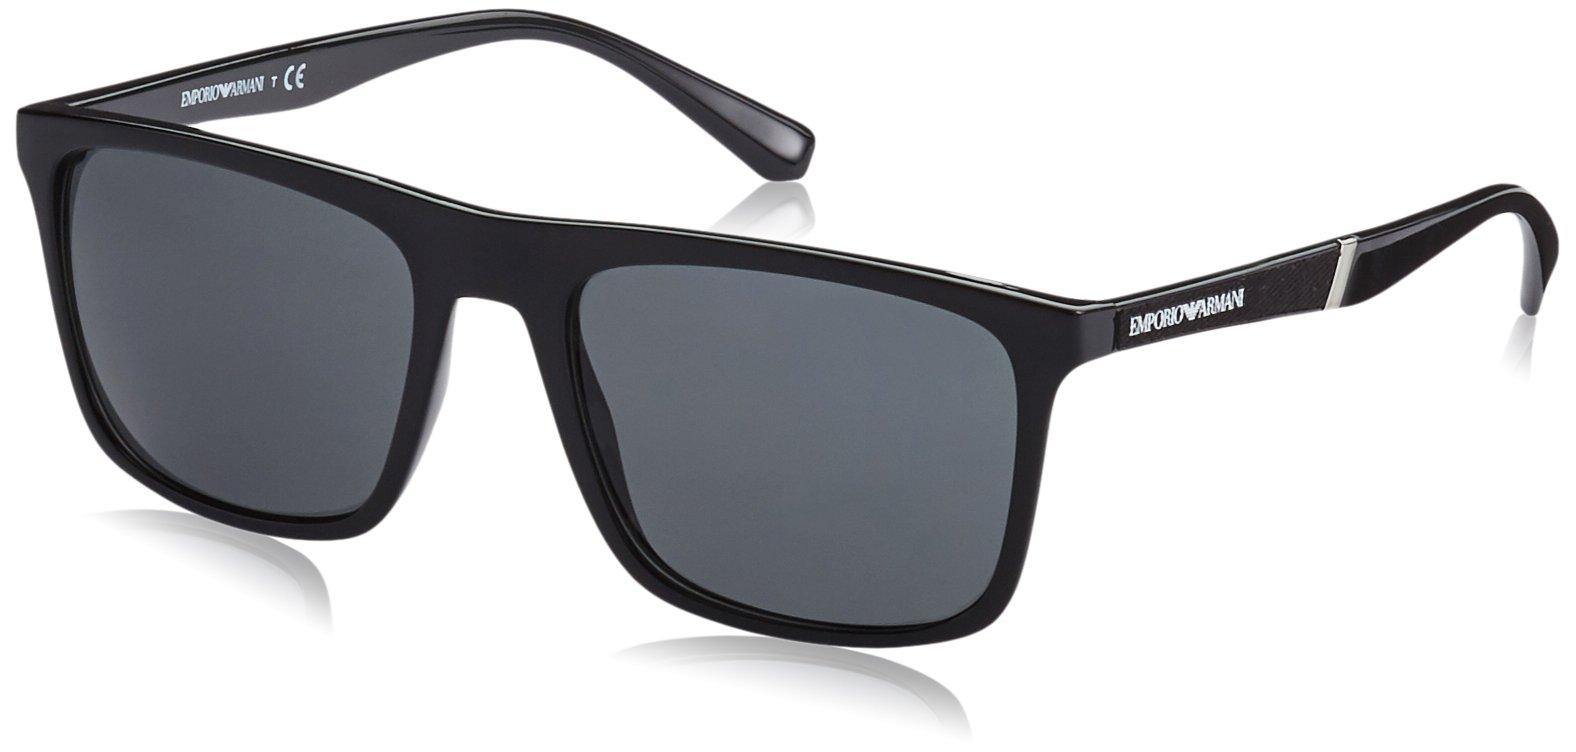 Sunglasses Emporio Armani EA 4097 501787 BLACK by Emporio Armani